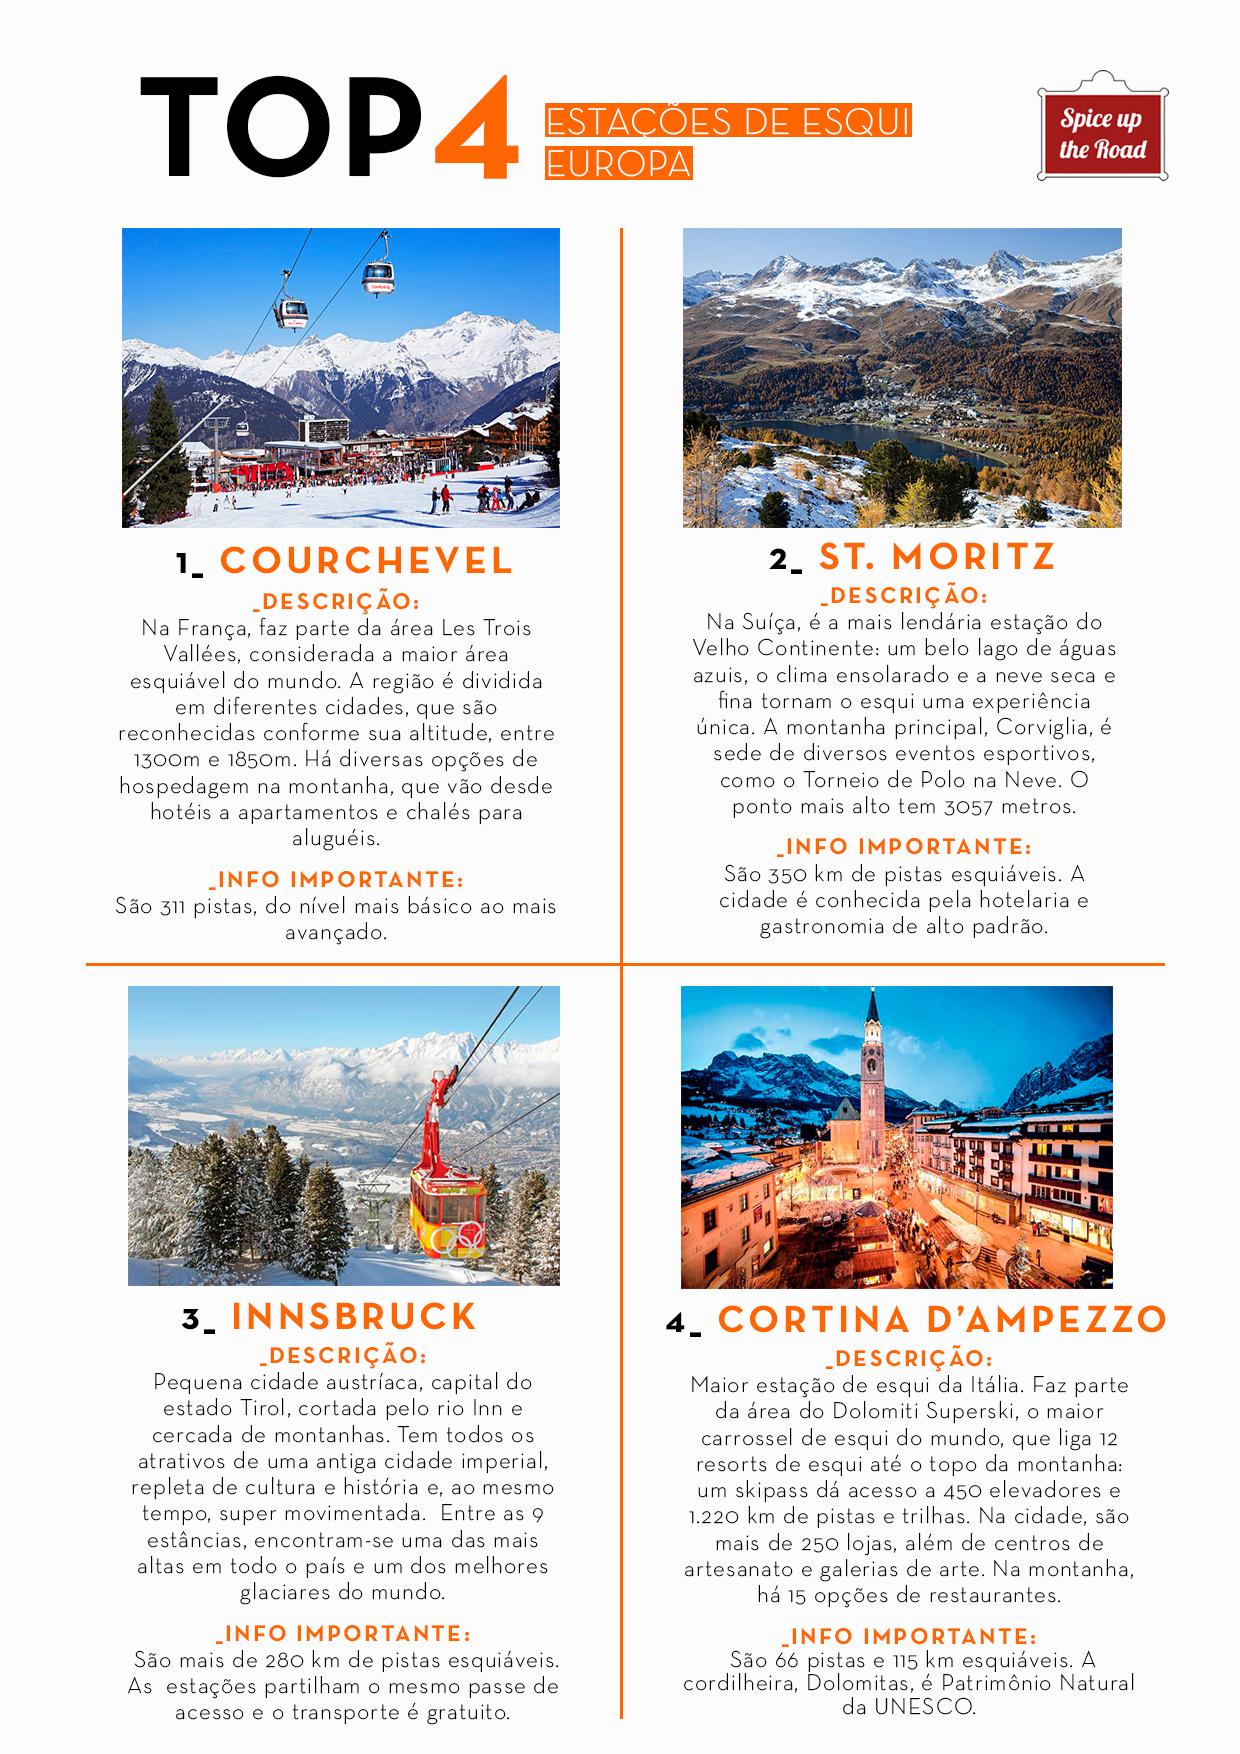 top-04-estações-de-esqui-Europa